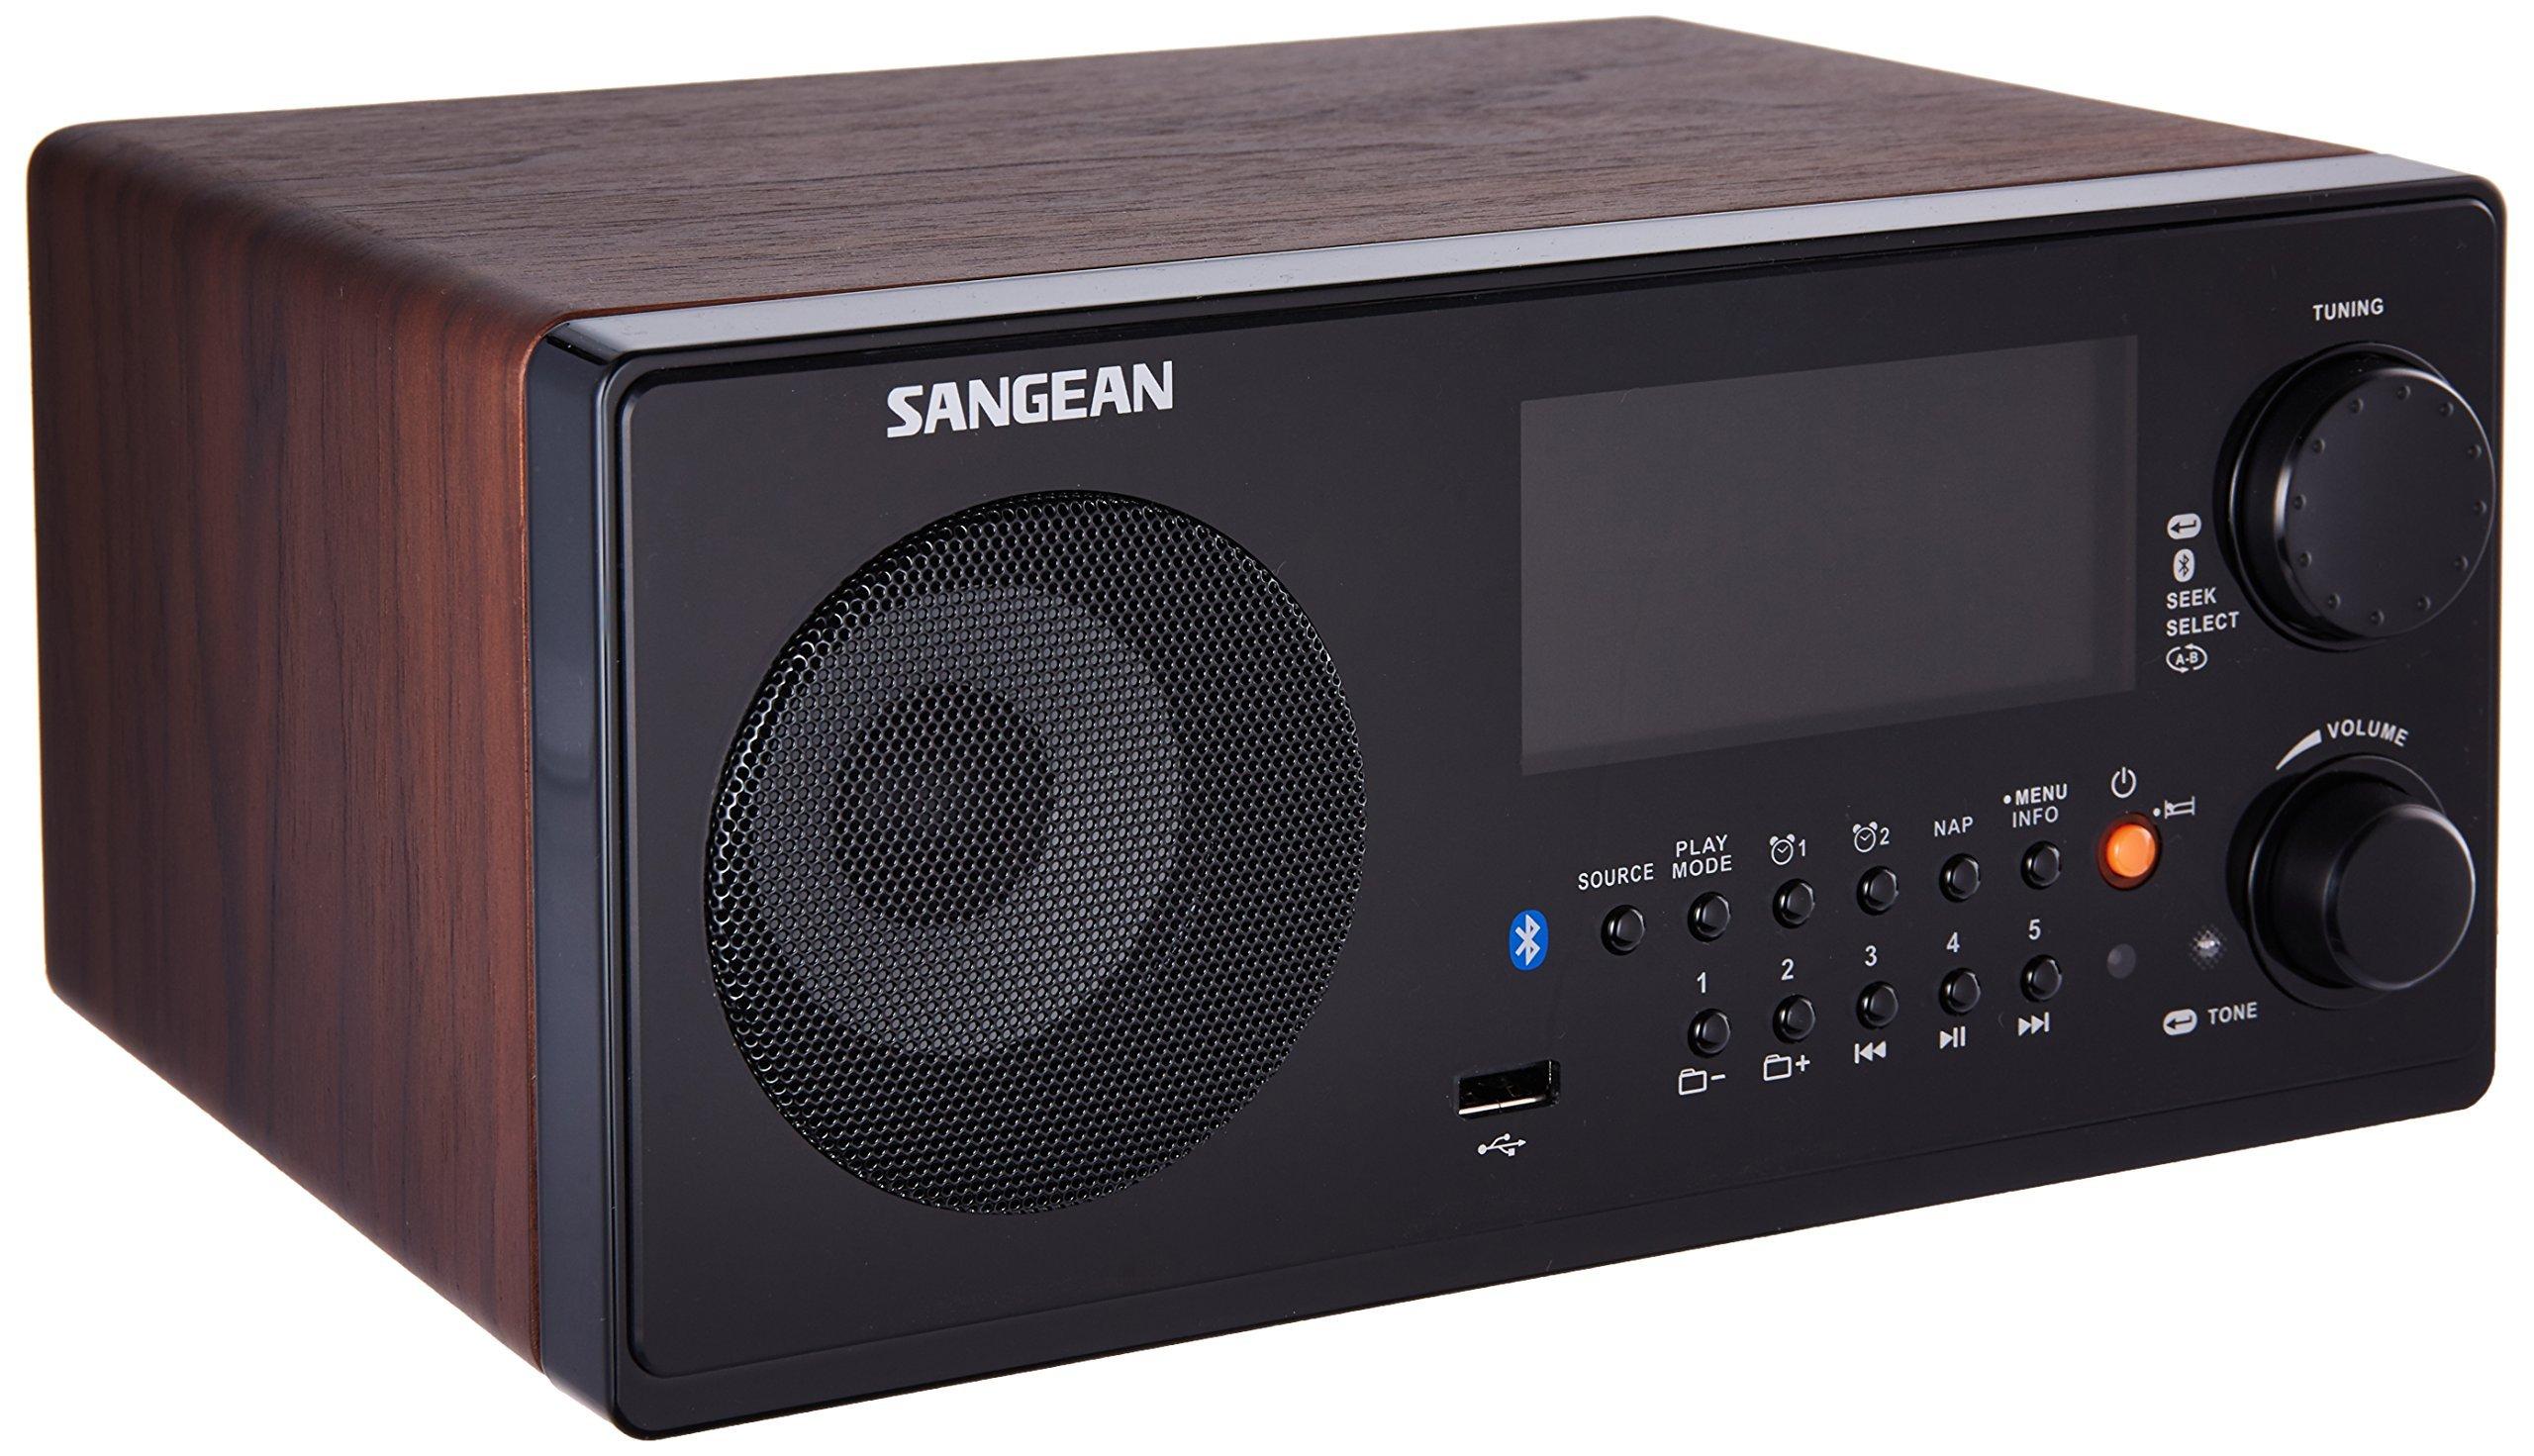 Sangean WR-22WL AM/FM-RDS/Bluetooth/USB Table-Top Digital Tuning Receiver (Dark Walnut) (Renewed)